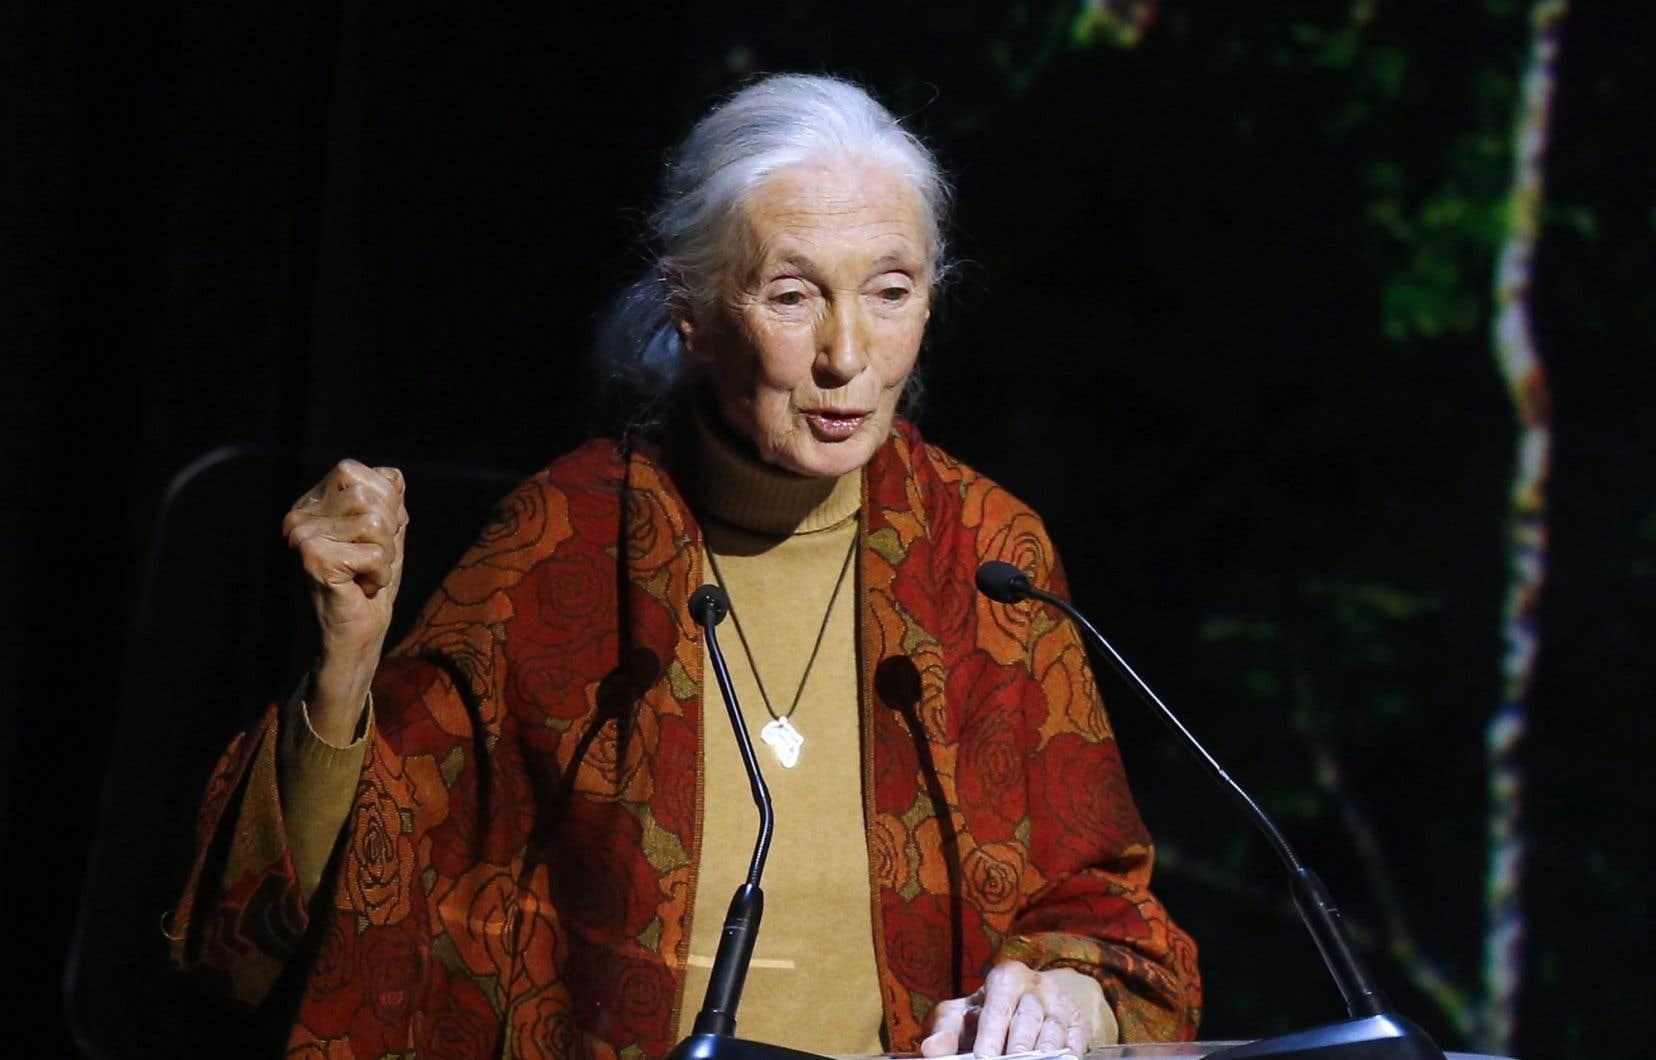 Jane Goodall lors d'une remise de prix l'an passé. «L'élevage intensif des vaches et des porcs est une forme de cruauté», a-t-elle dénoncé jeudi en conférence à Montréal.